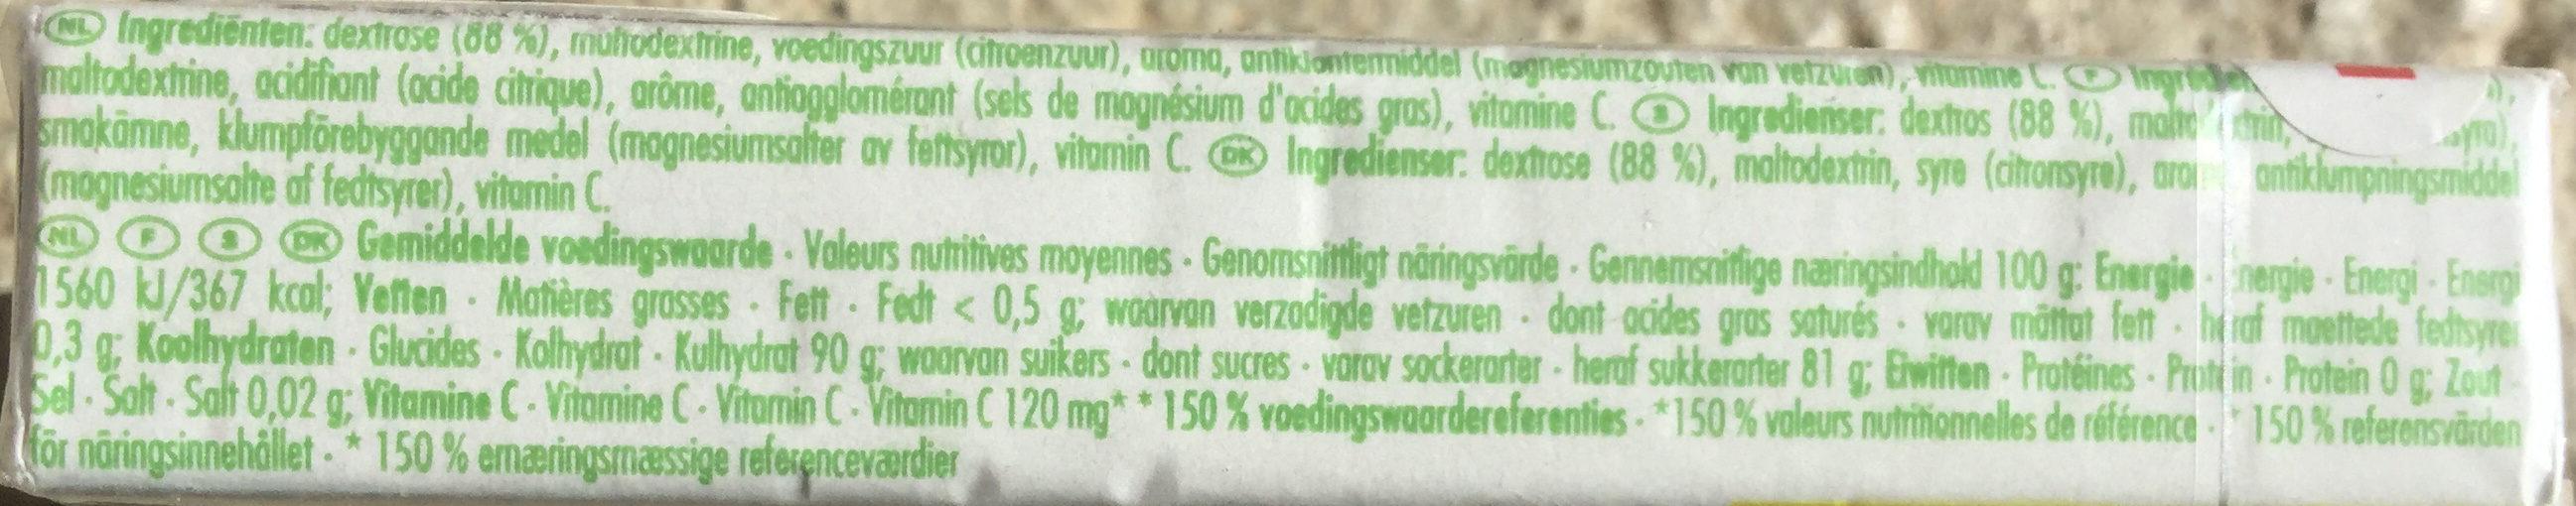 DE stick citroen/citron + vit C - Voedigswaarden